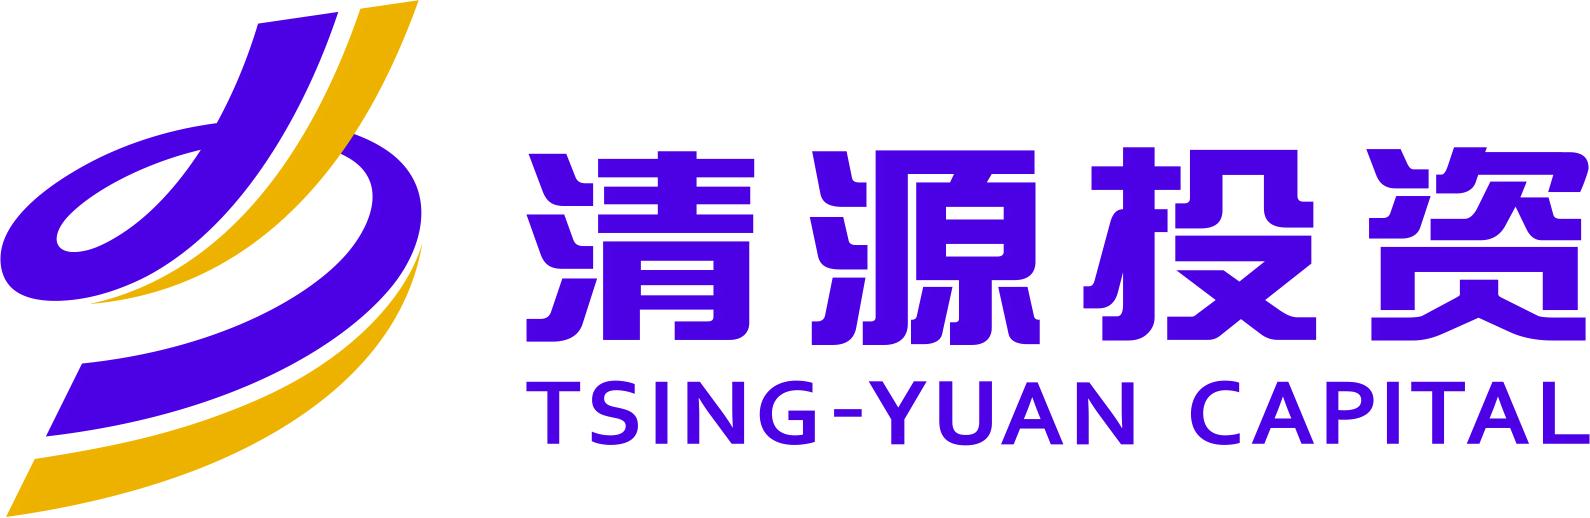 深圳清源创业投资管理公司